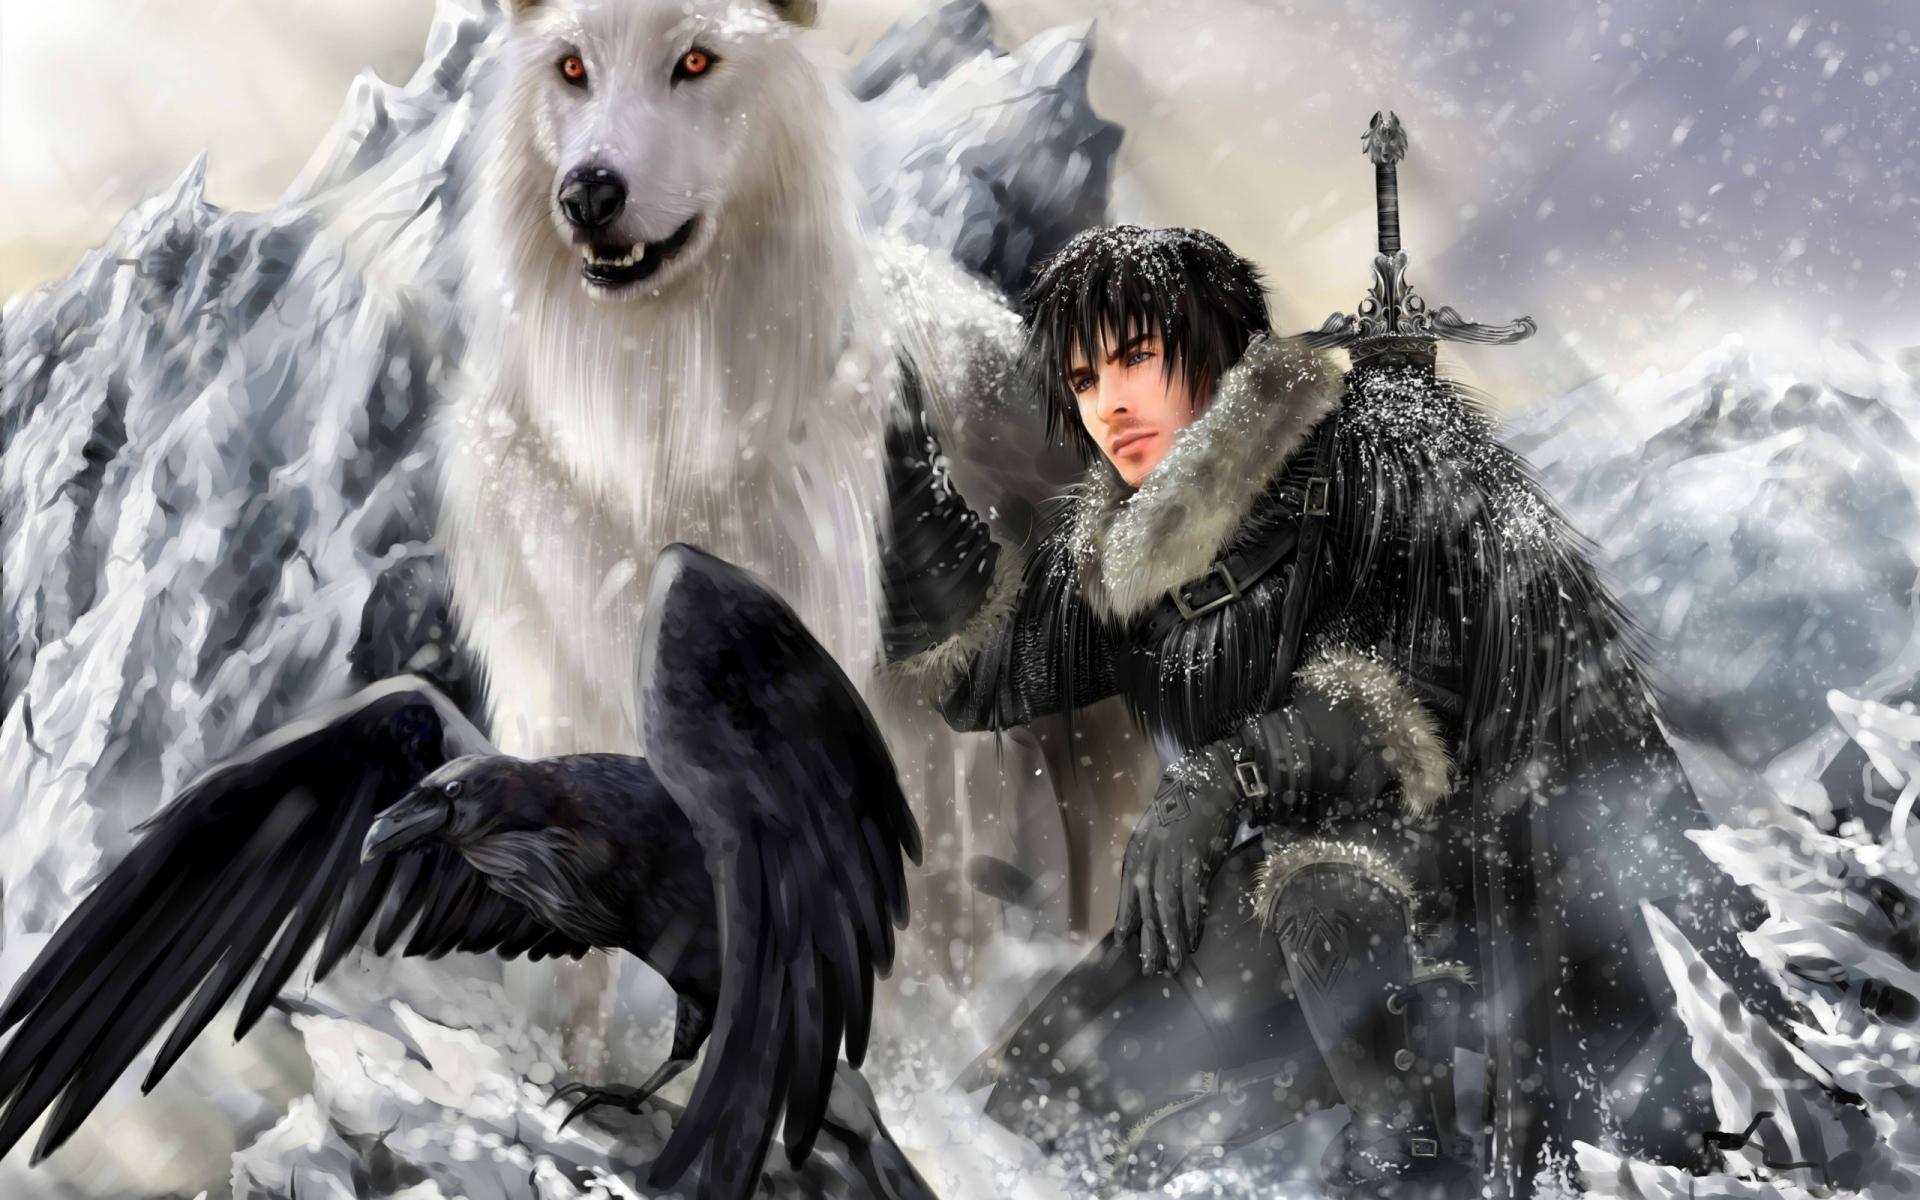 Картинки Игра тронов, песня льда и огня, снег снега, ворон фото и обои на рабочий стол